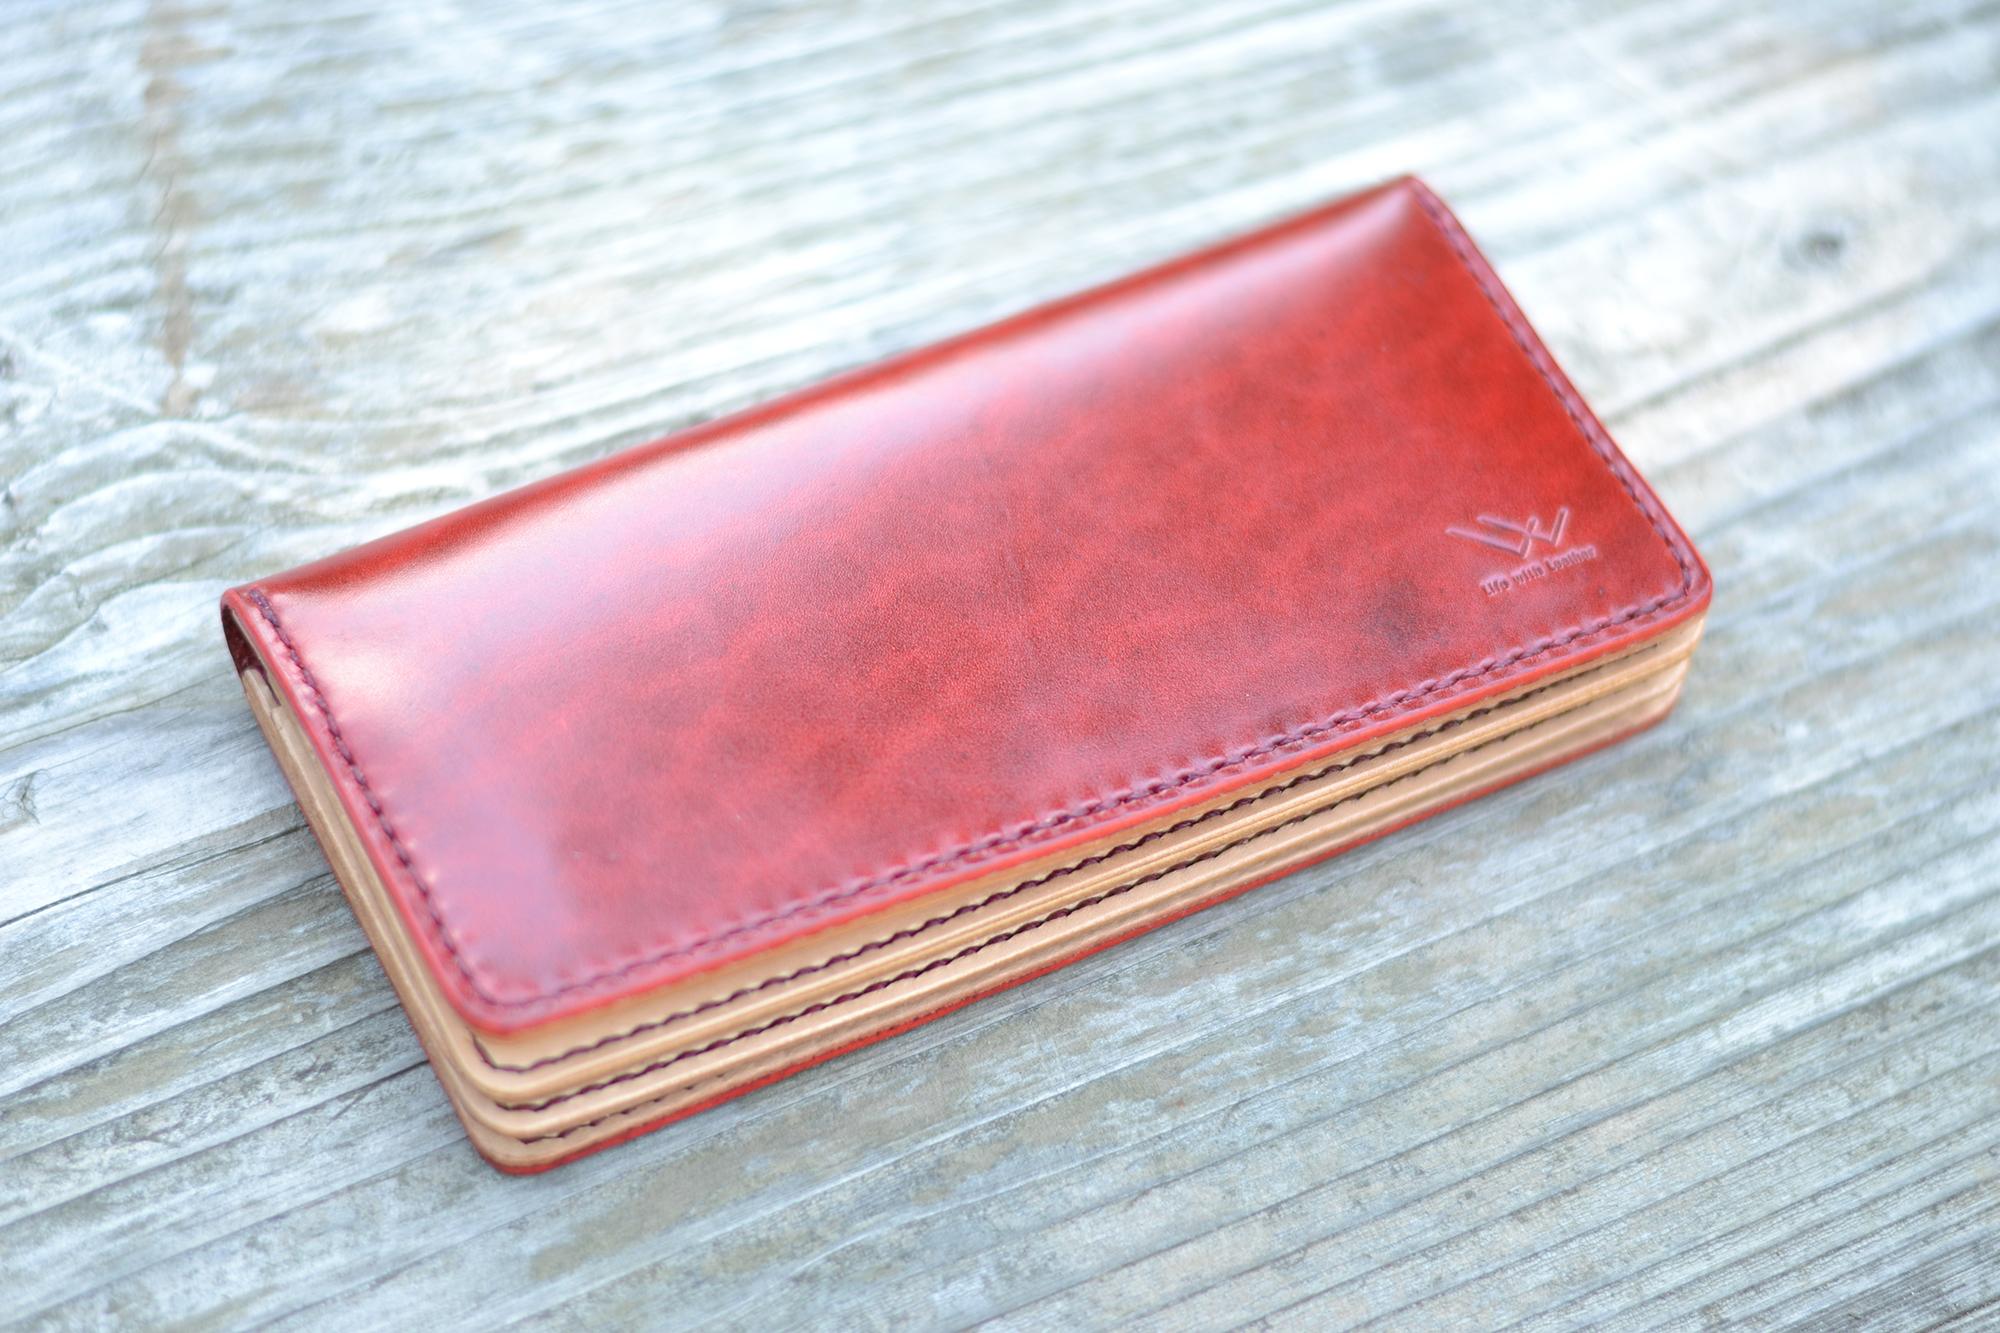 「良いものを長く使ってほしい」総手縫い長財布【Hope】2色展開